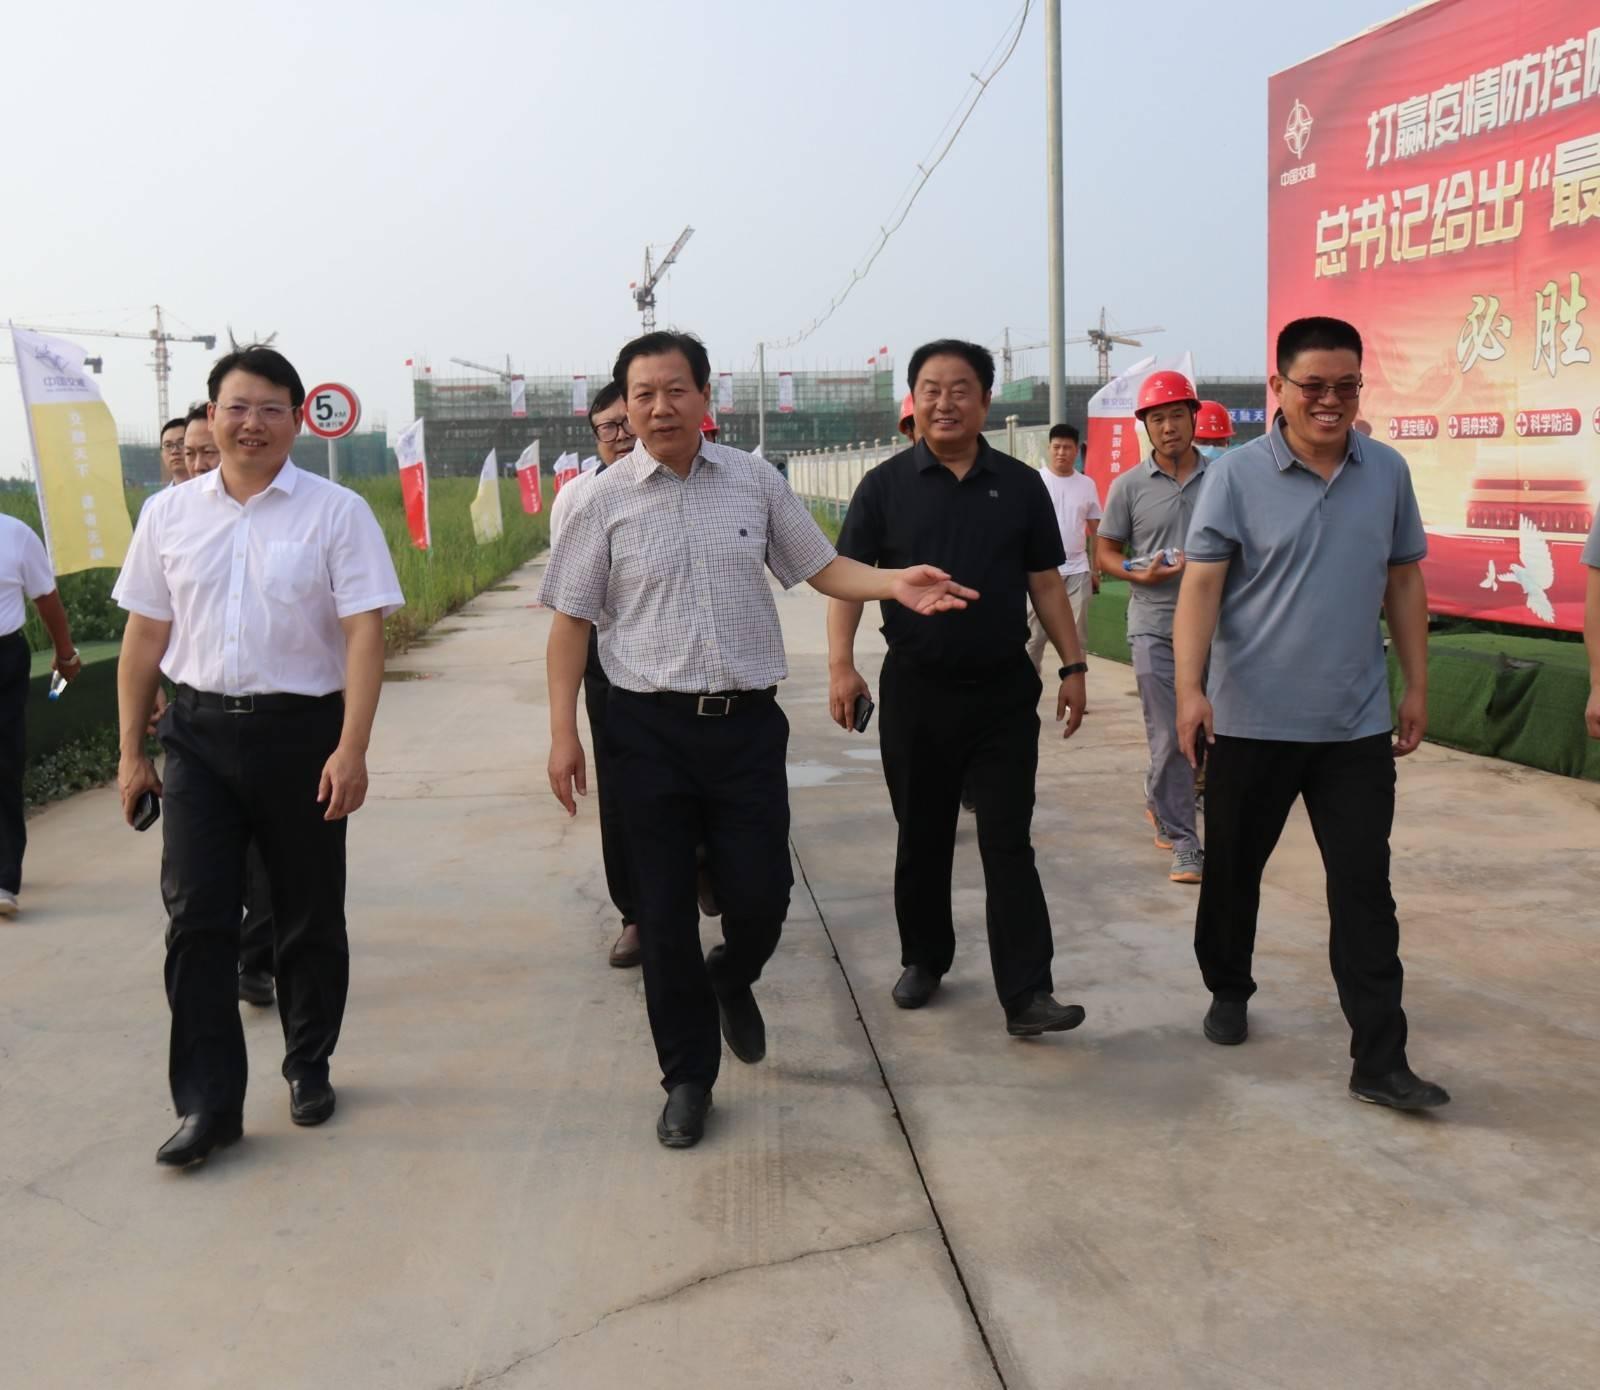 市委书记刘金宇深入尚小云大剧院、环湖绿道